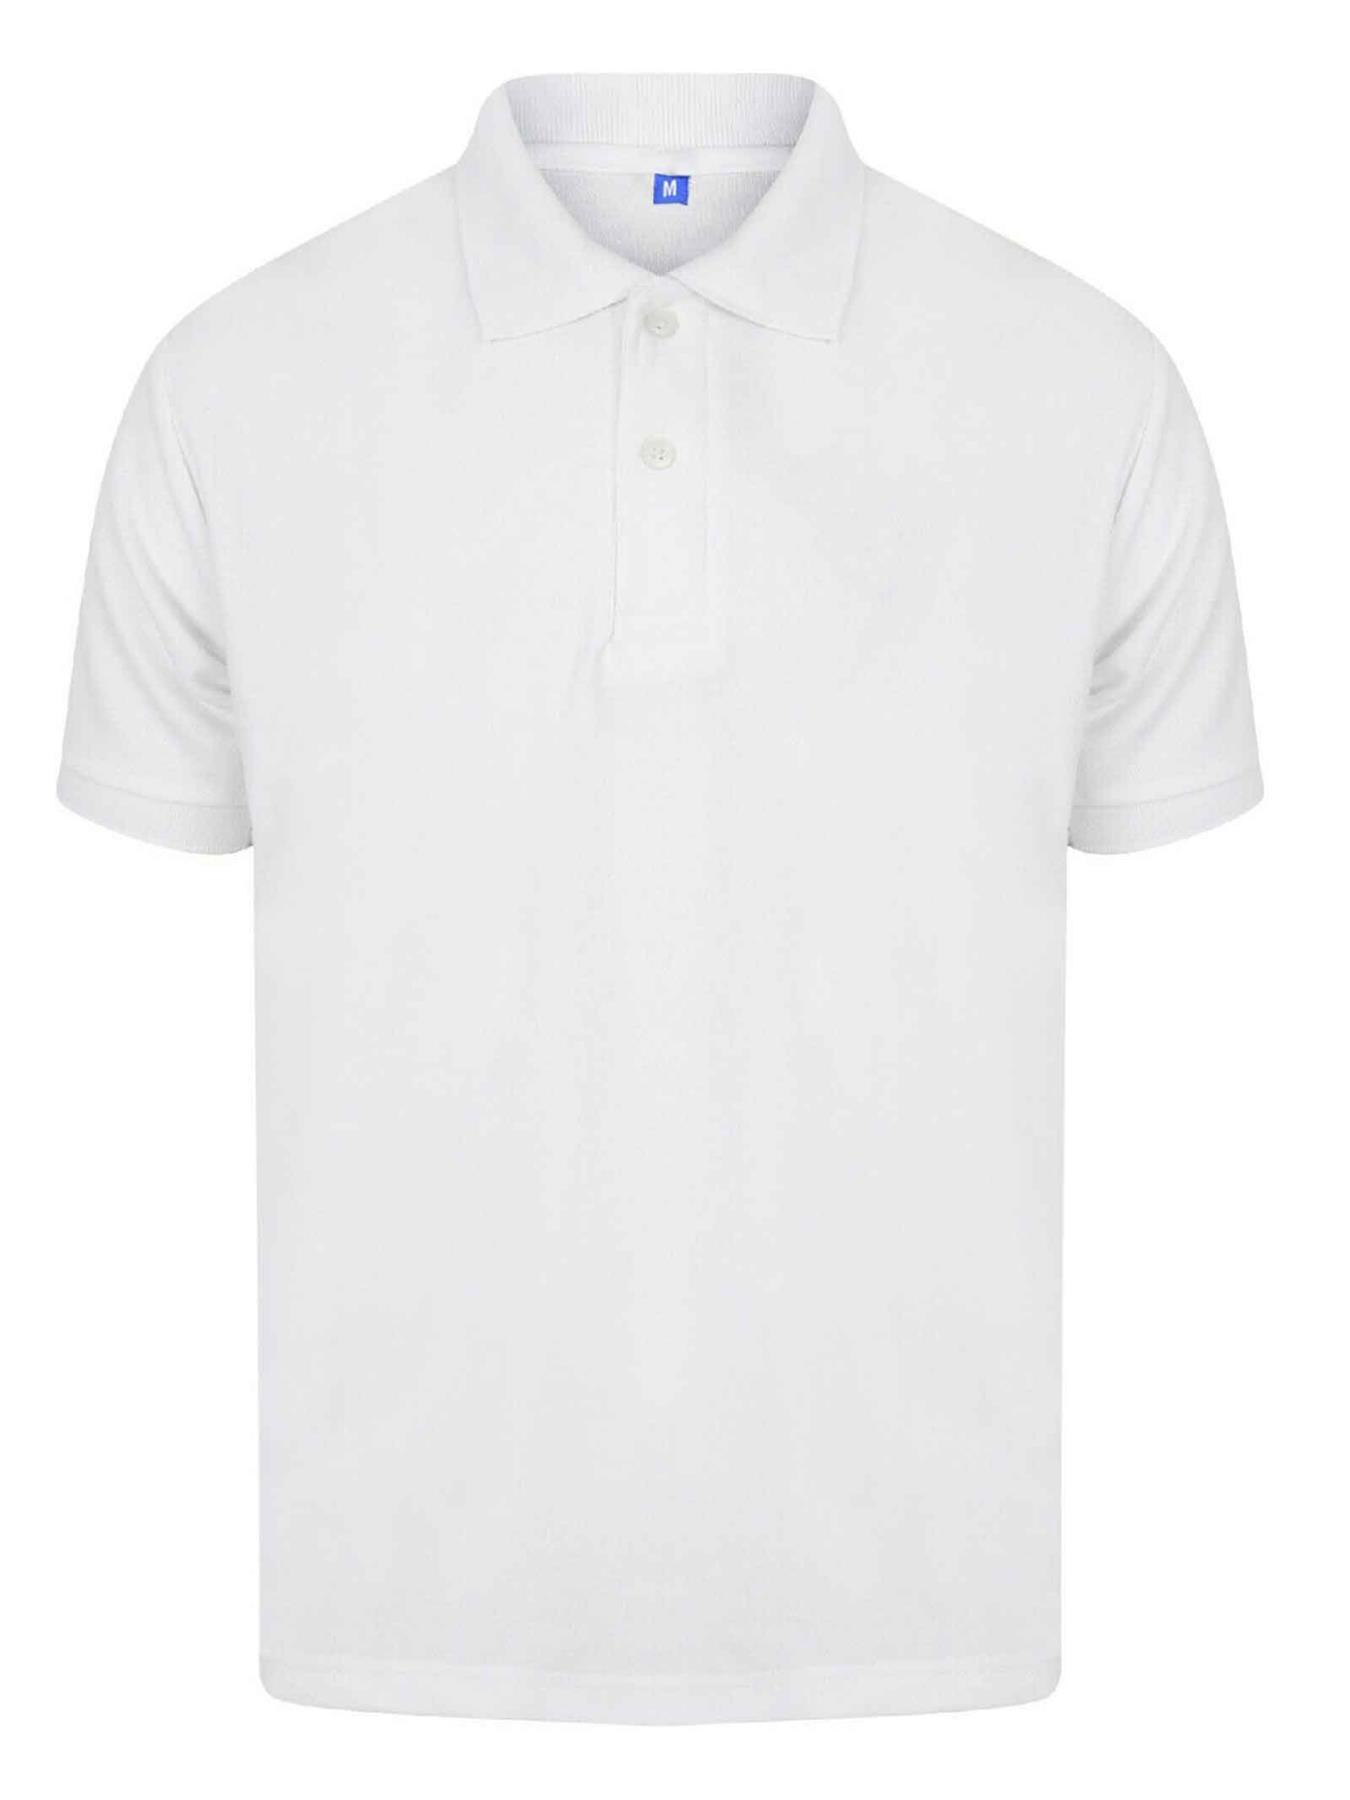 Indexbild 64 - Herren Polohemd Freizeit T-Shirts Neu Schlicht Kurzärmeliges Regular Fit